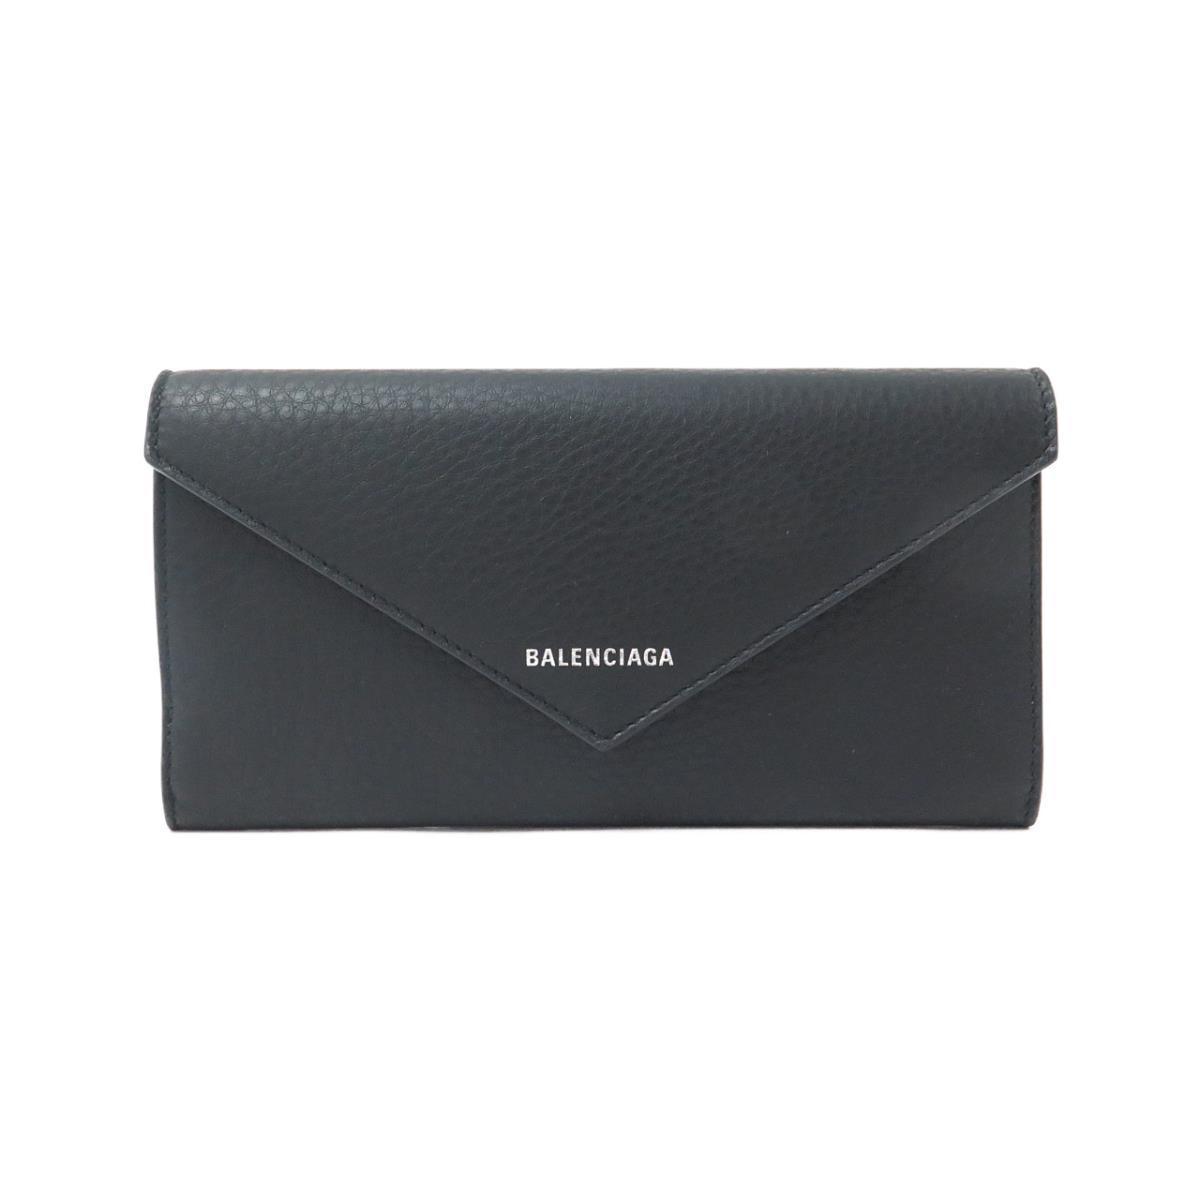 【新品】バレンシアガ 財布 499207 DLQ0N【新品】